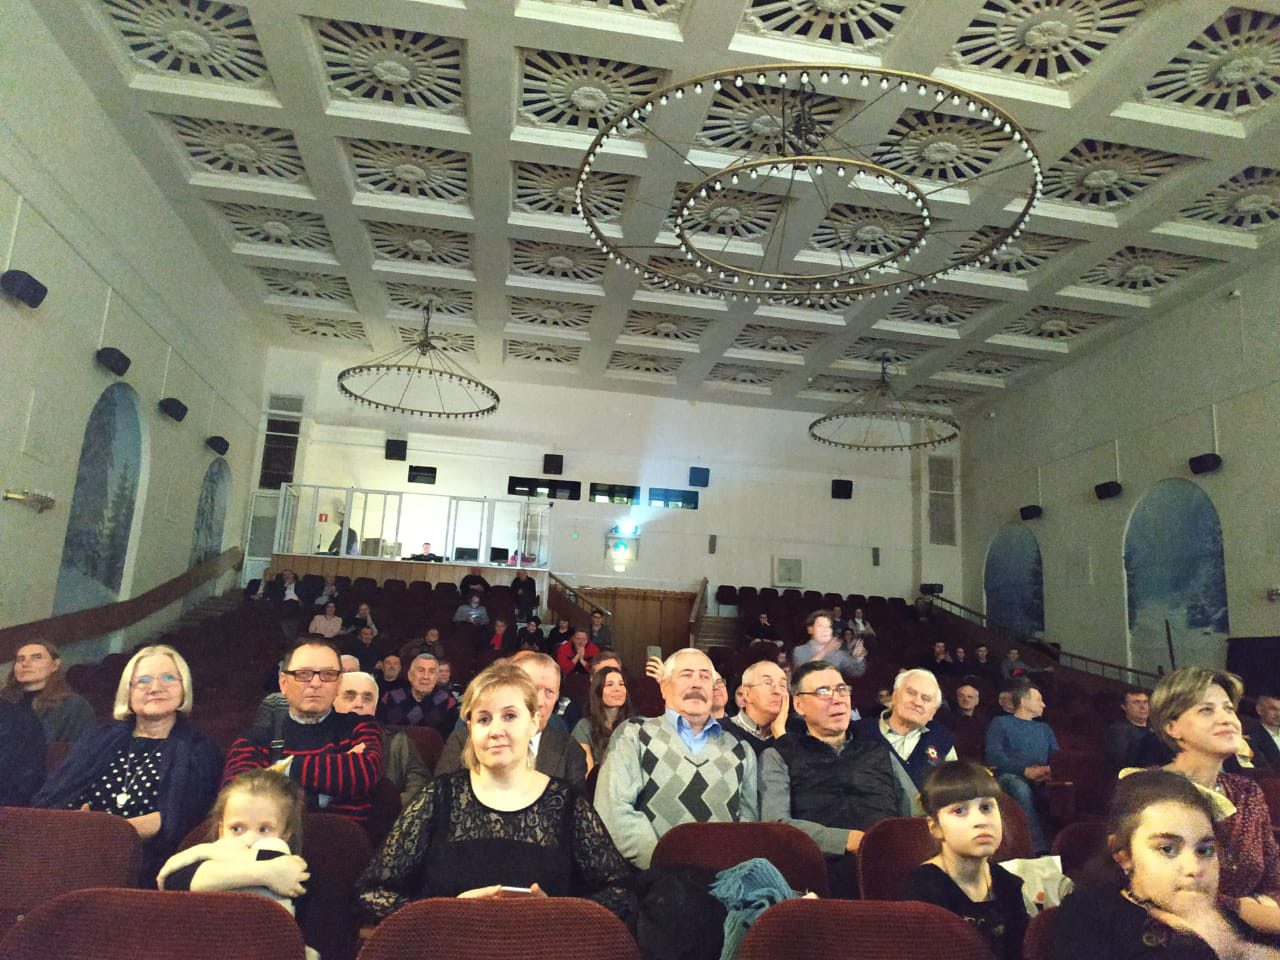 Ассоциация документального кино провела премьерный показ документального фильма «ПОЛЕТ ЧЕМПИОНА». Автор сценария Герман Климов, режиссер Сергей Головецкий.